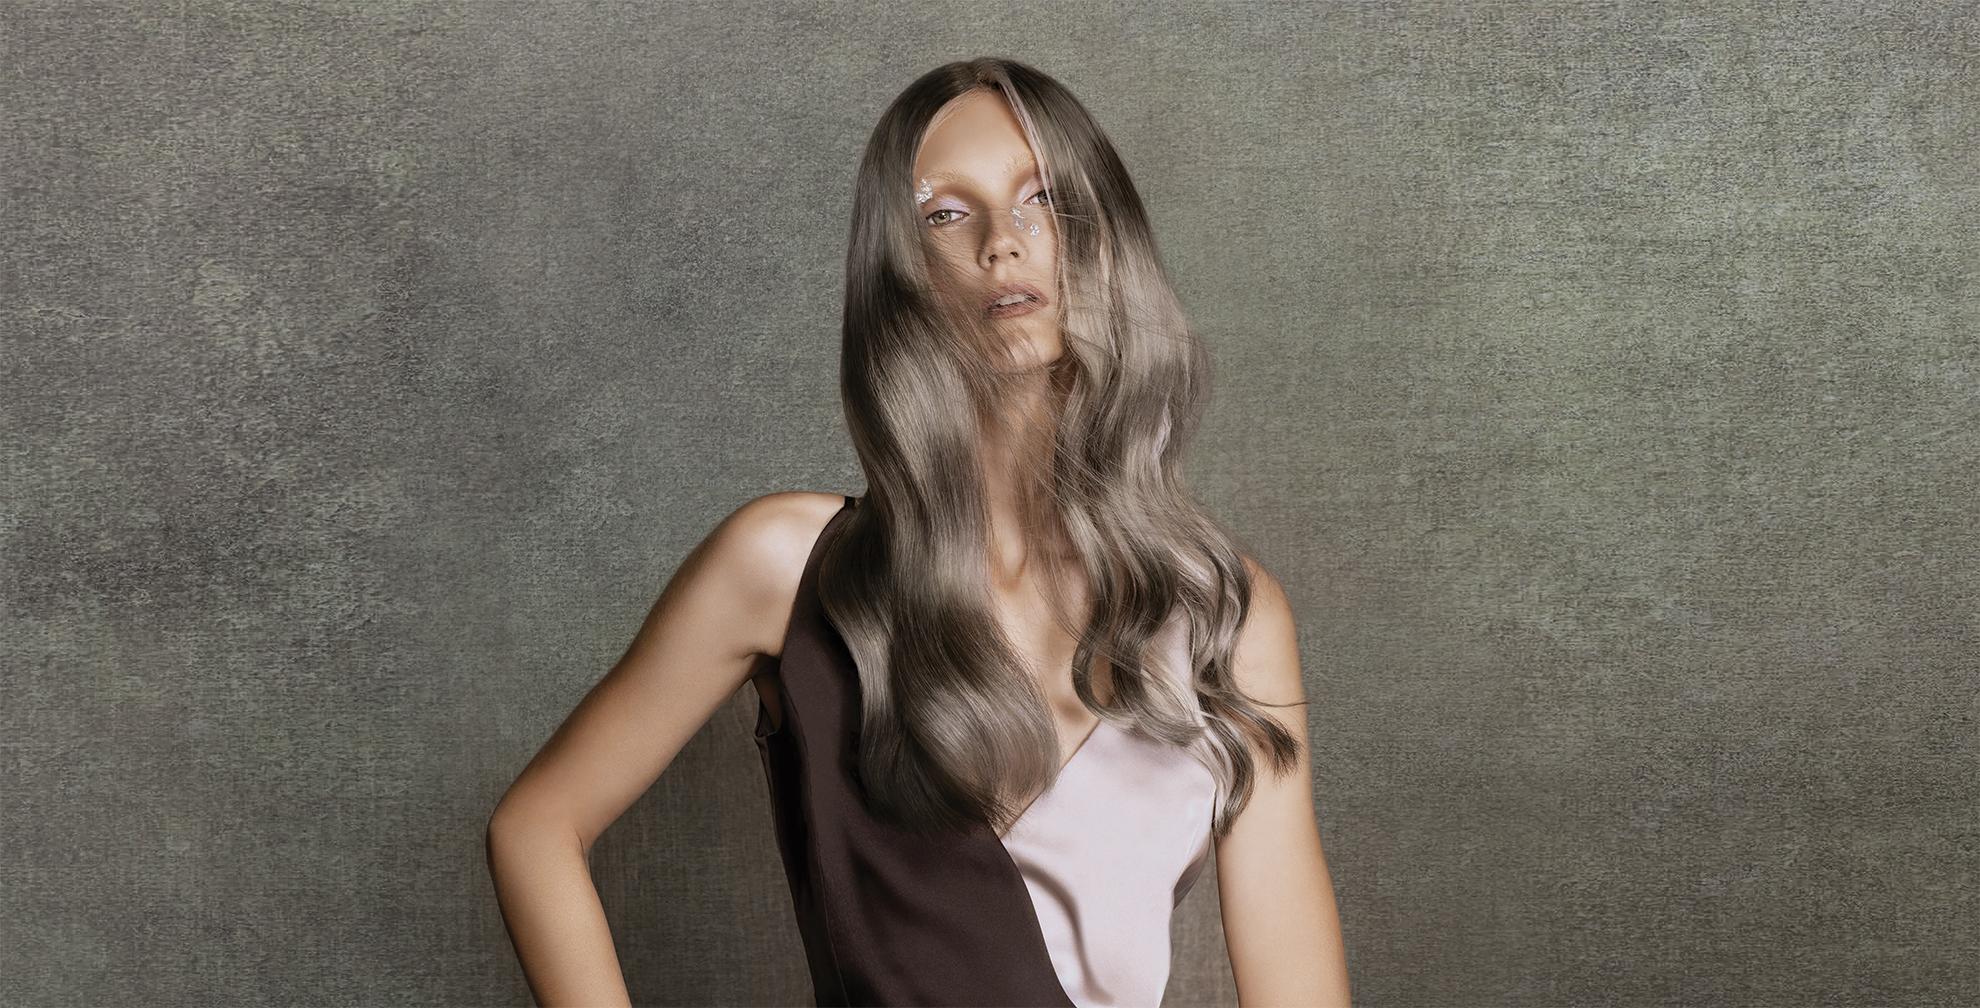 prodotti parrucchieri professionisti saloni capelli grigi